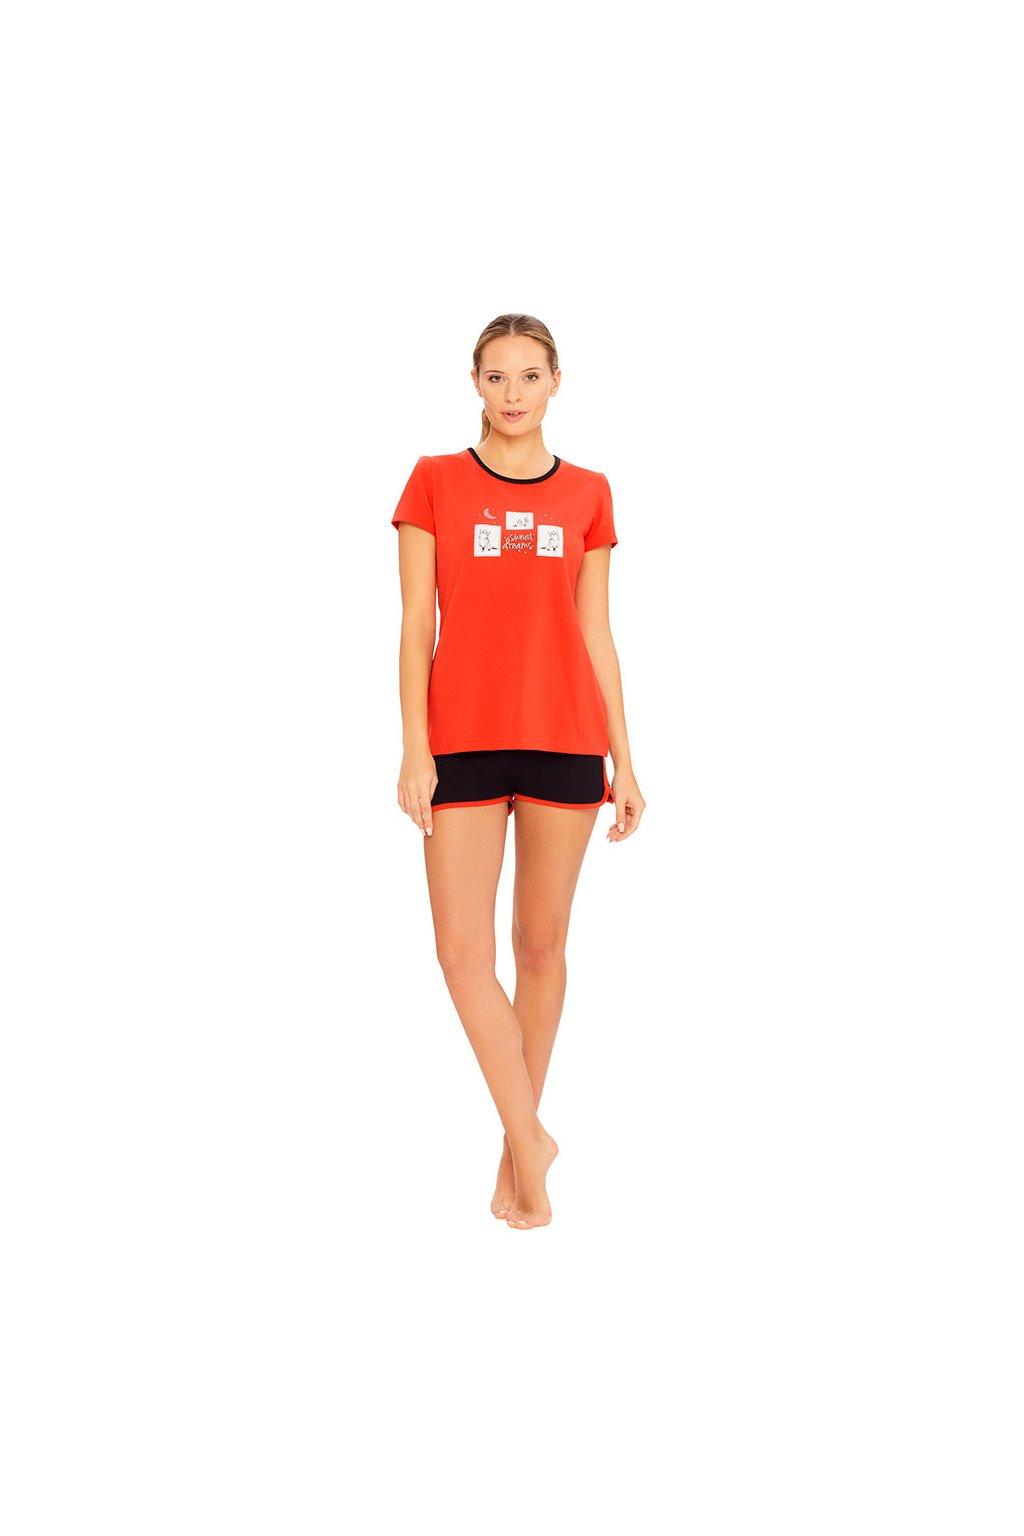 Dámské pyžamo s krátkým rukávem, 104403 889, korálová